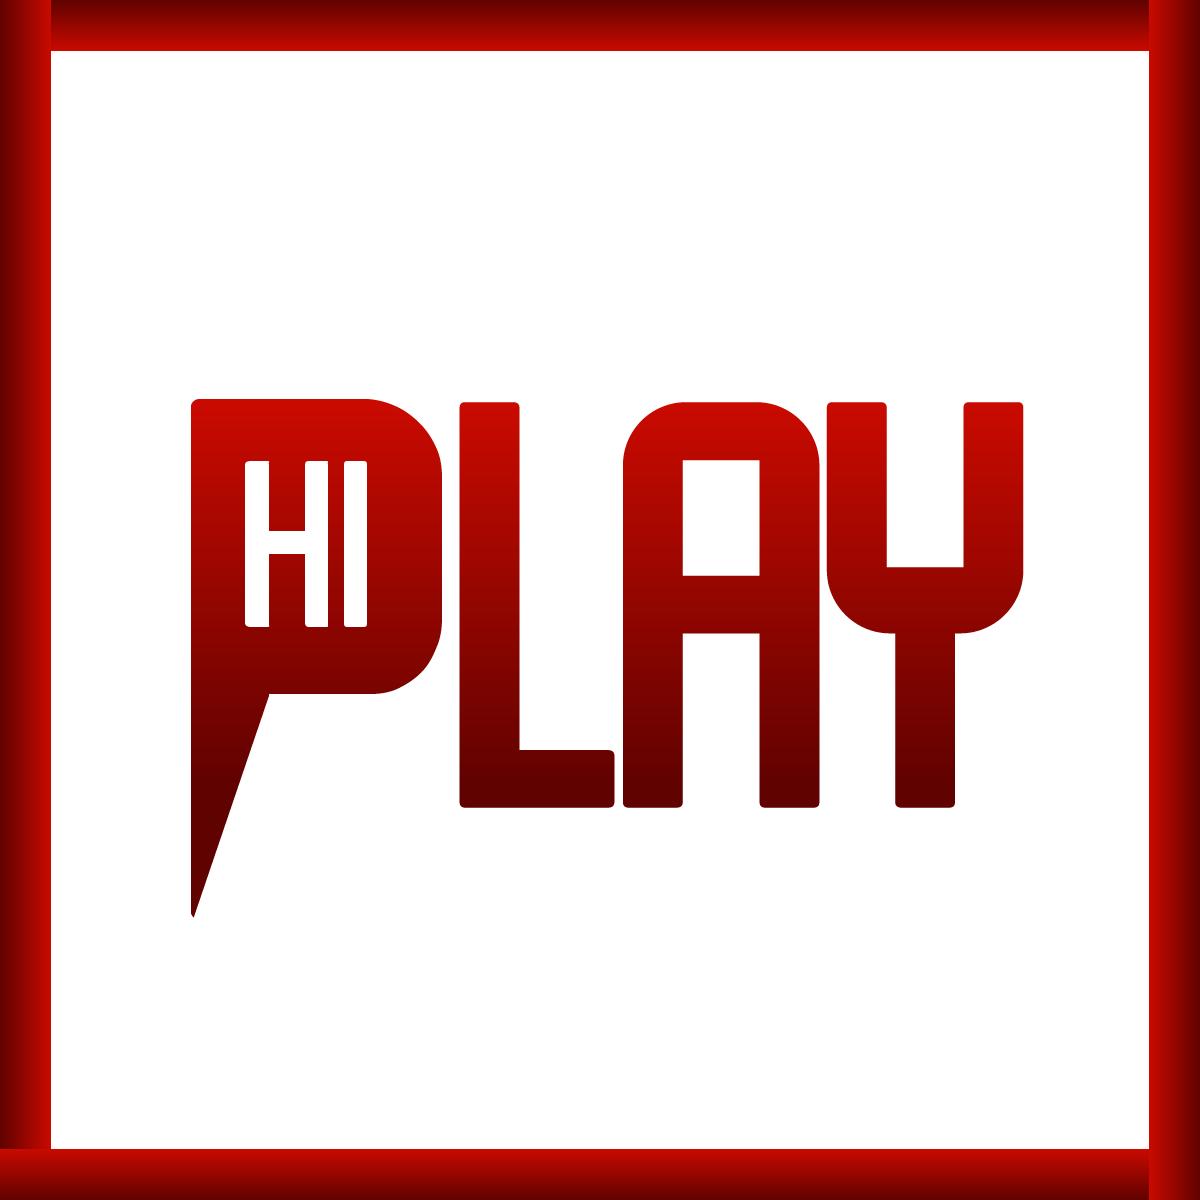 HiPlay